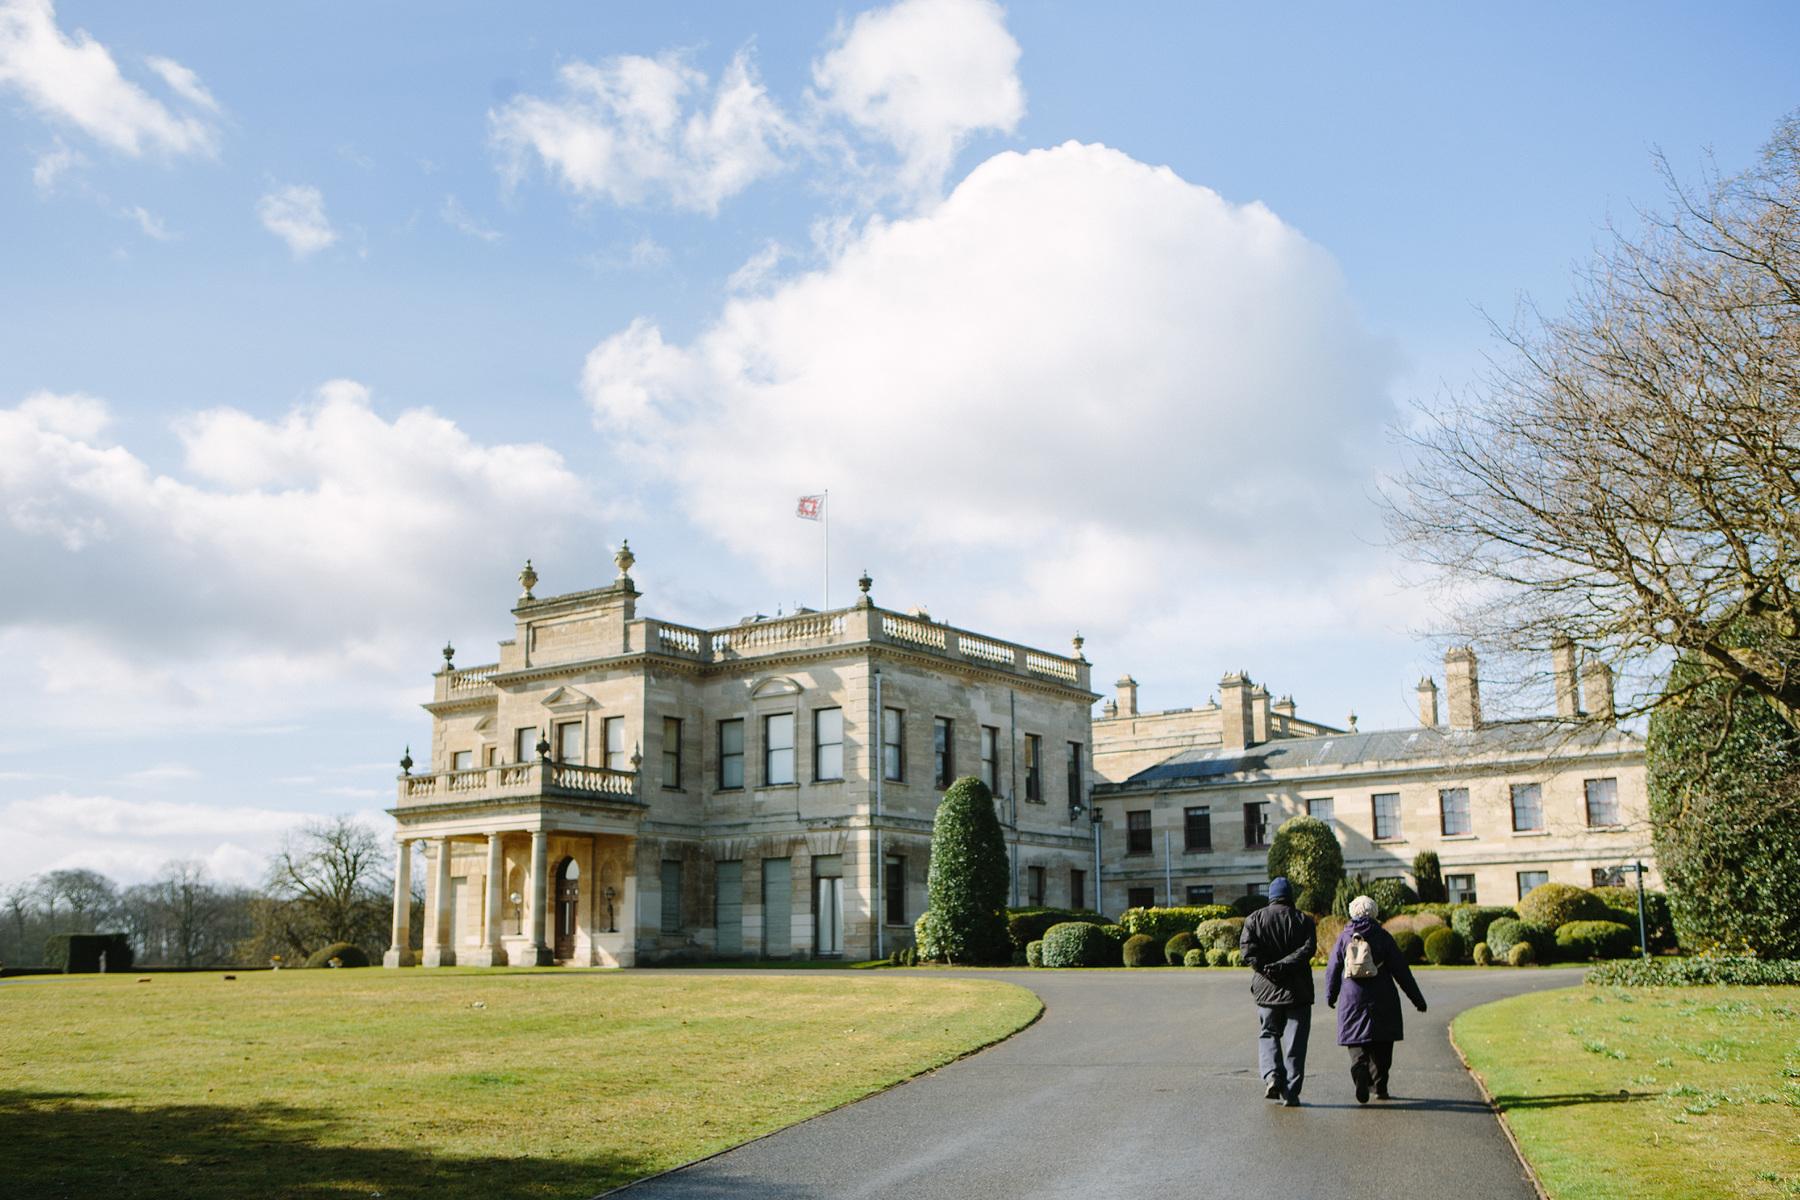 Broadsworth Hall